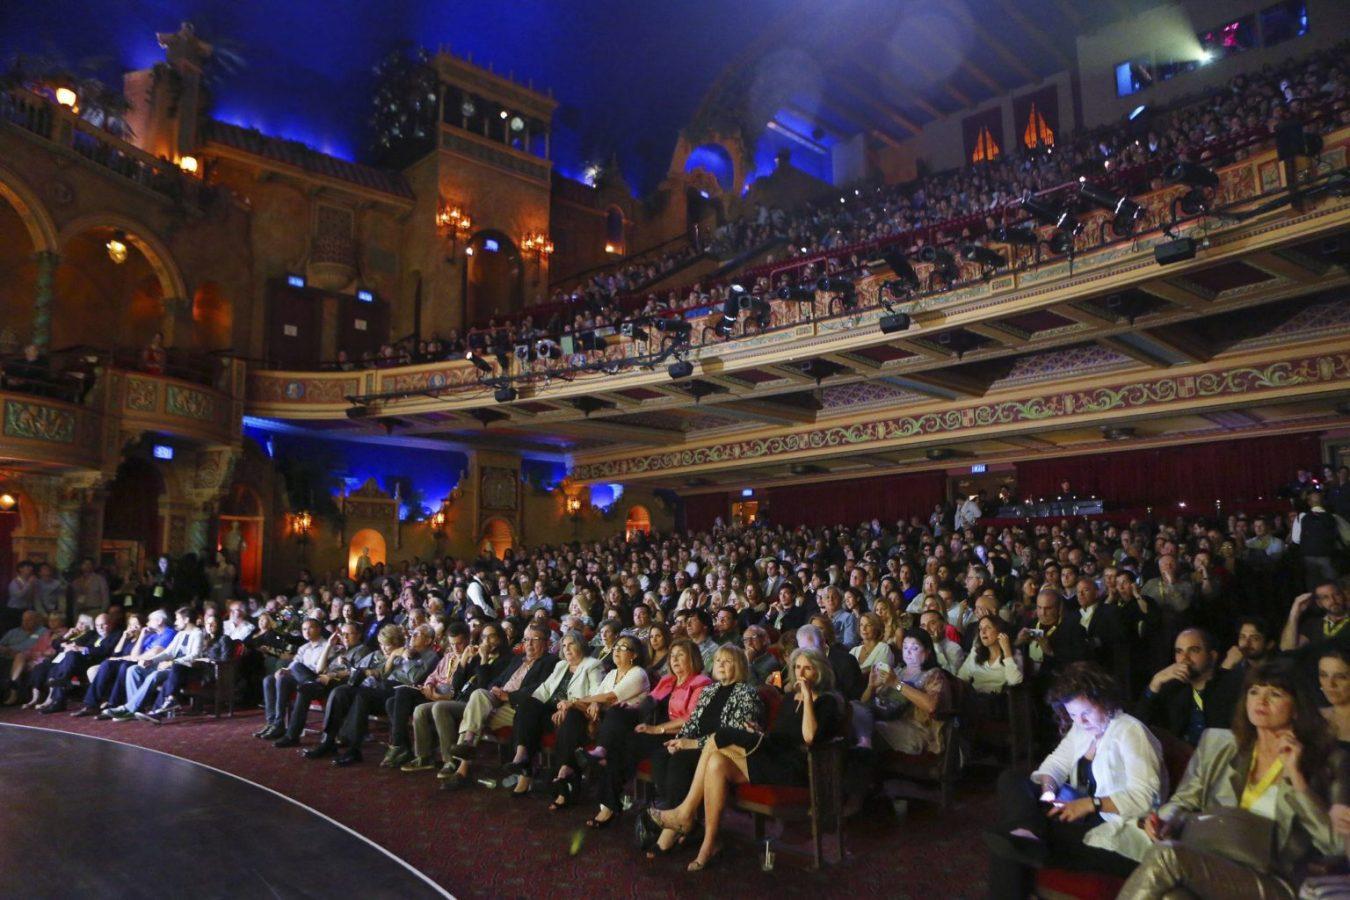 miami film festival - 2022 March